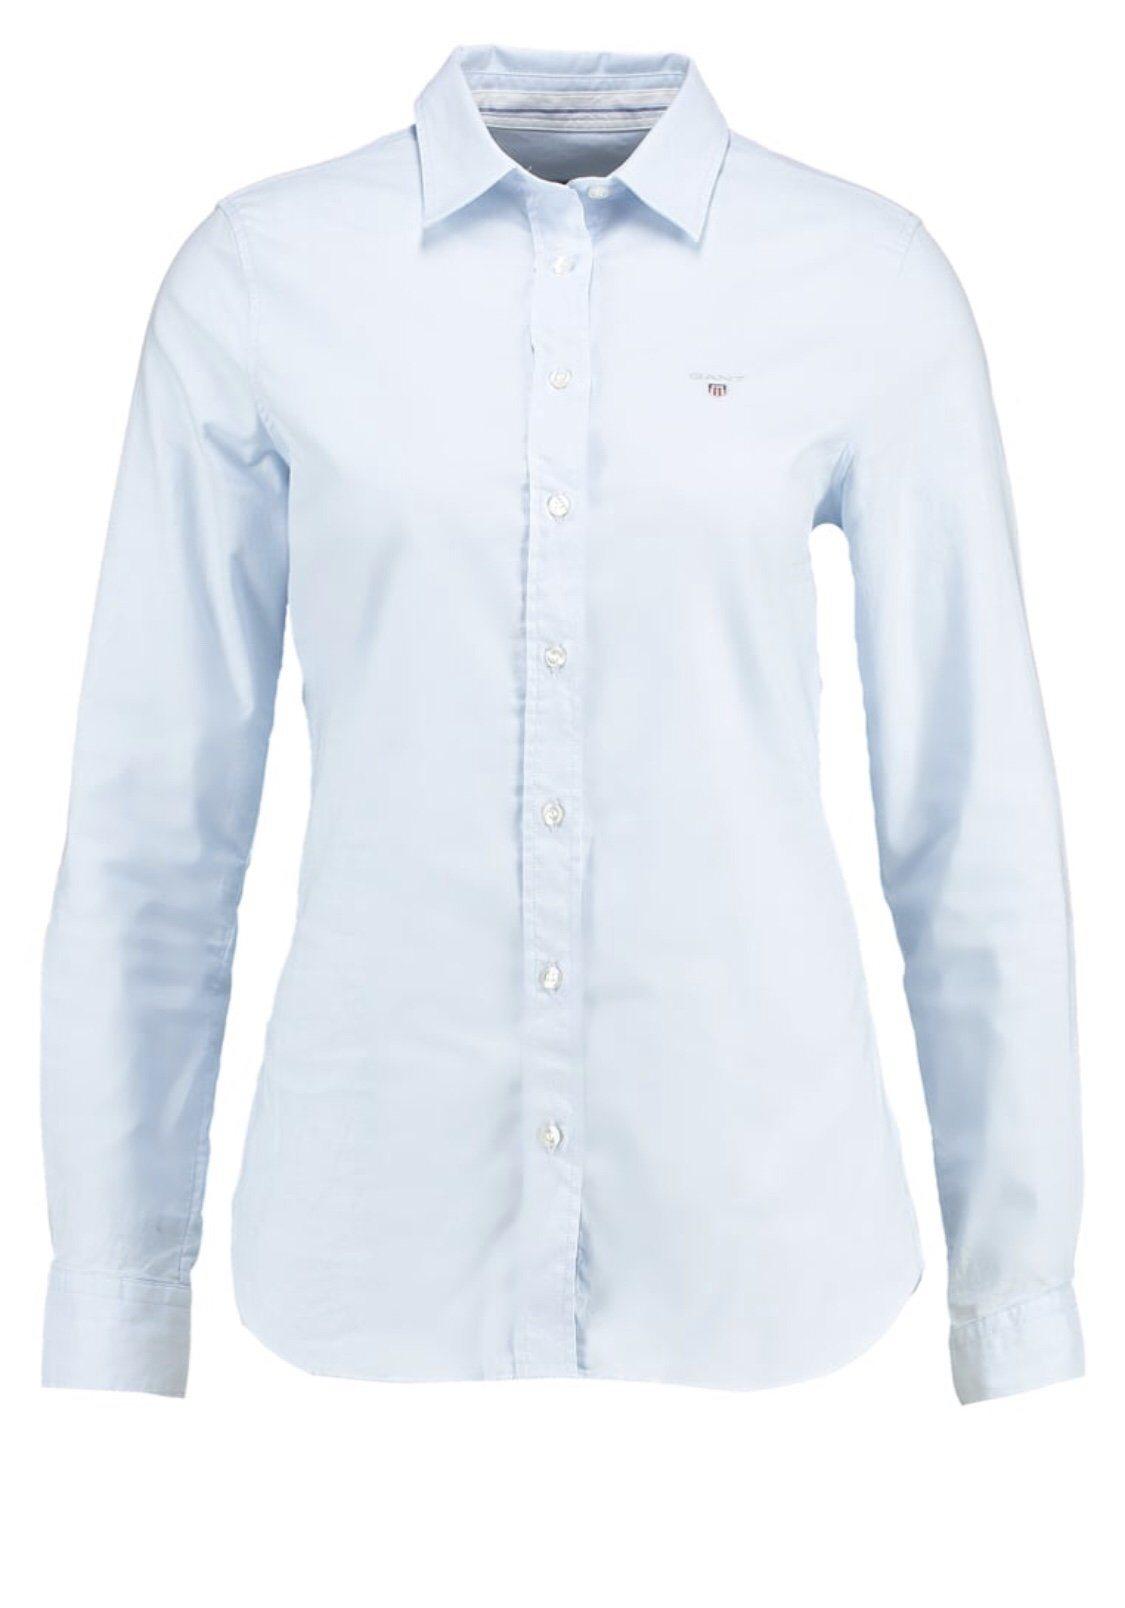 Gant skjorta ljusblå trend dam (341022959) ᐈ Köp på Tradera 5eed089dce921